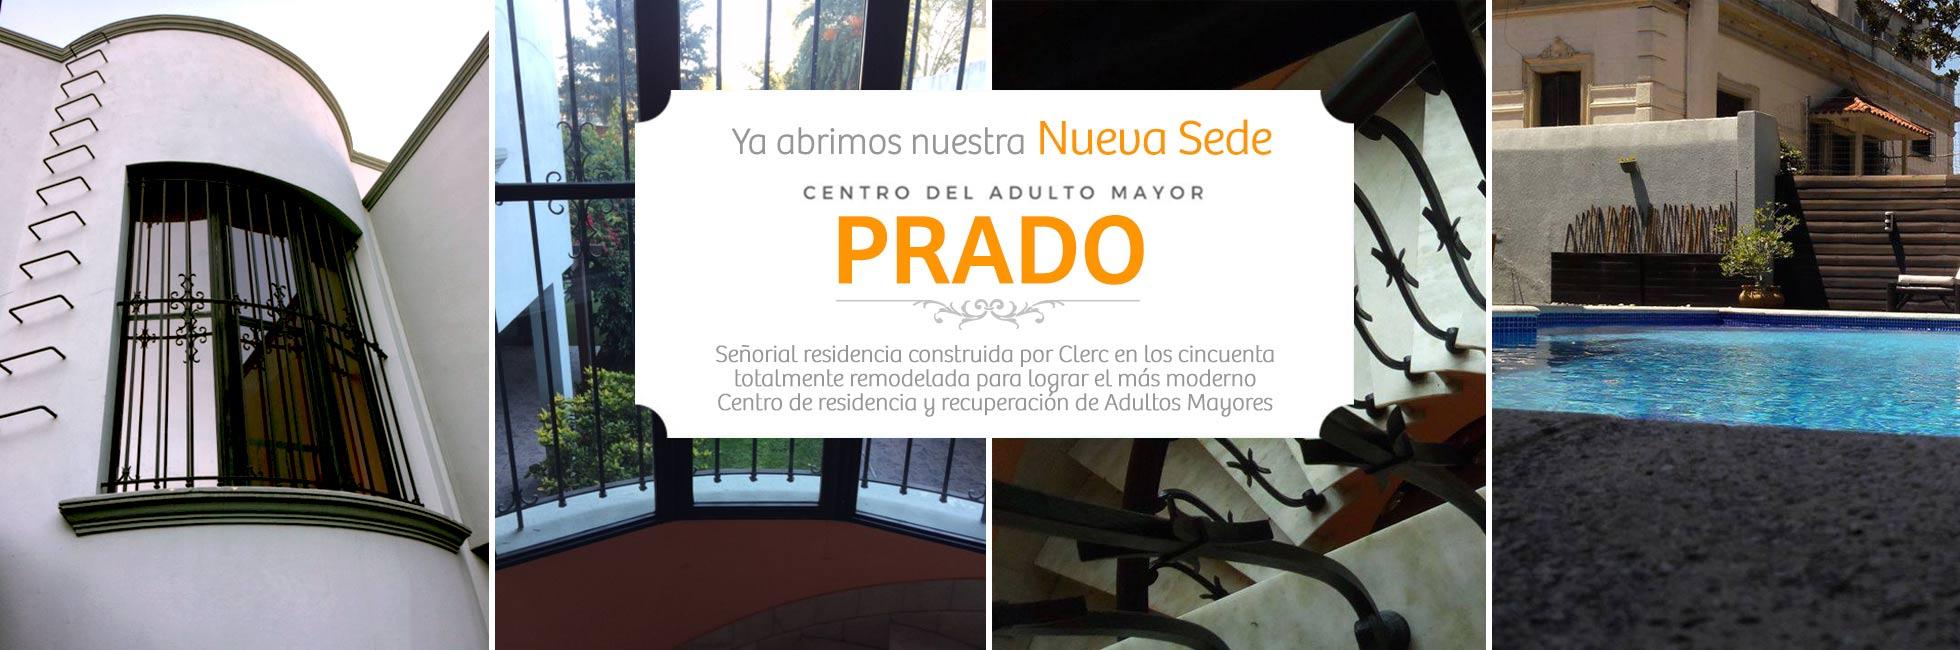 sede-prado-05